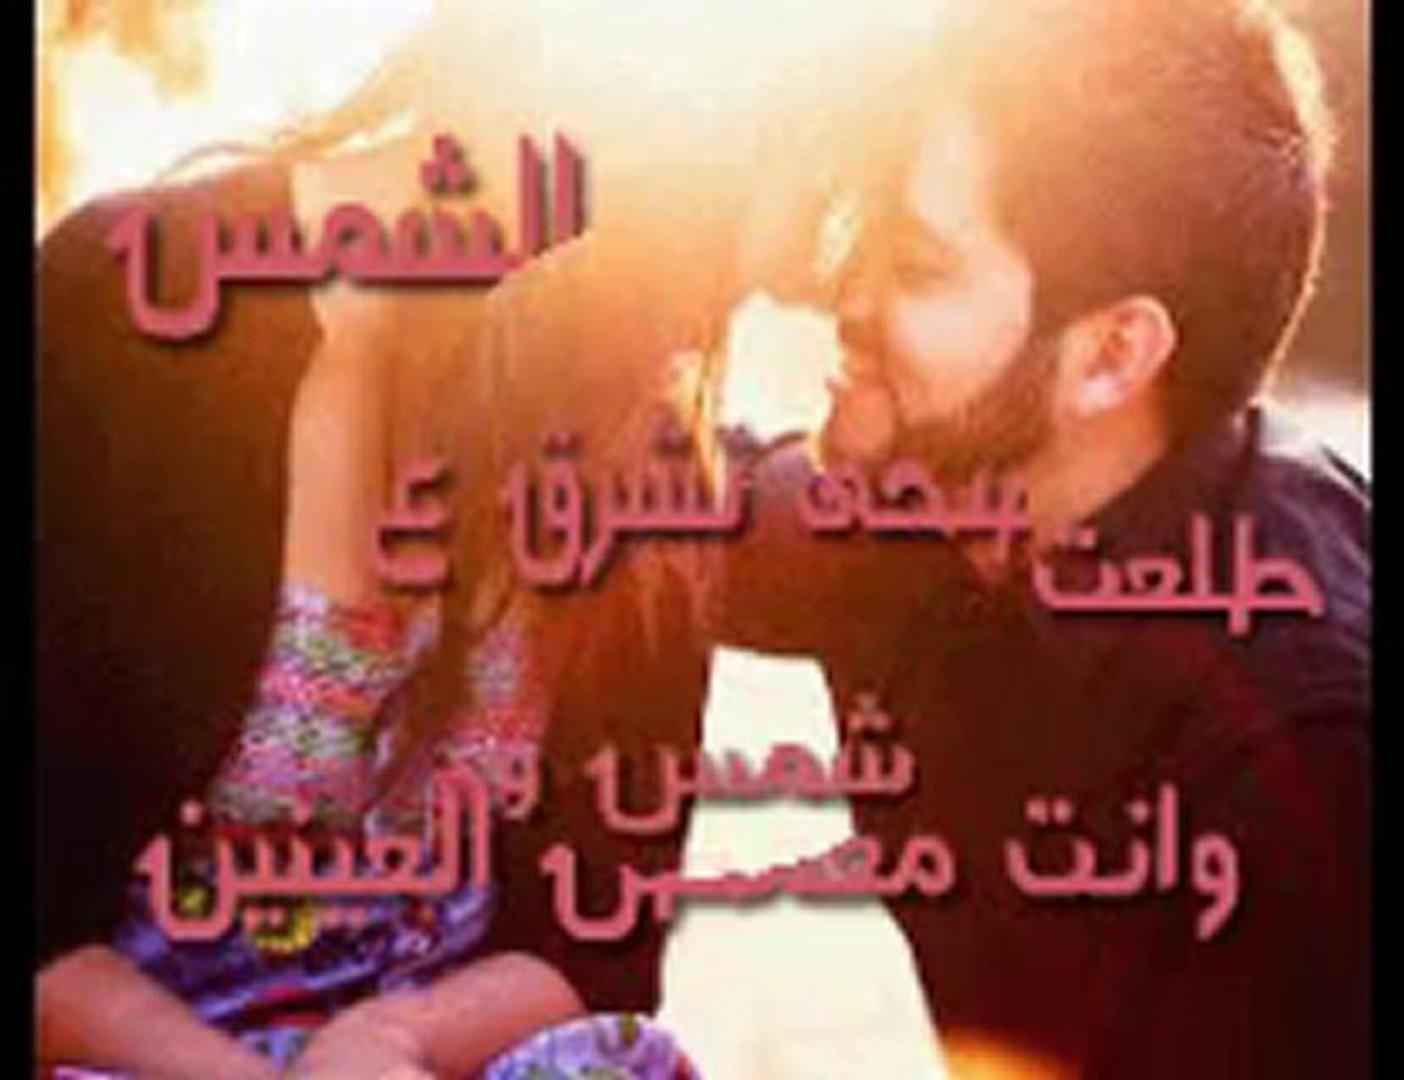 صورة شعر صباح الخير حبيبي , اروع اشعار صباح الخير للحبيب 937 7